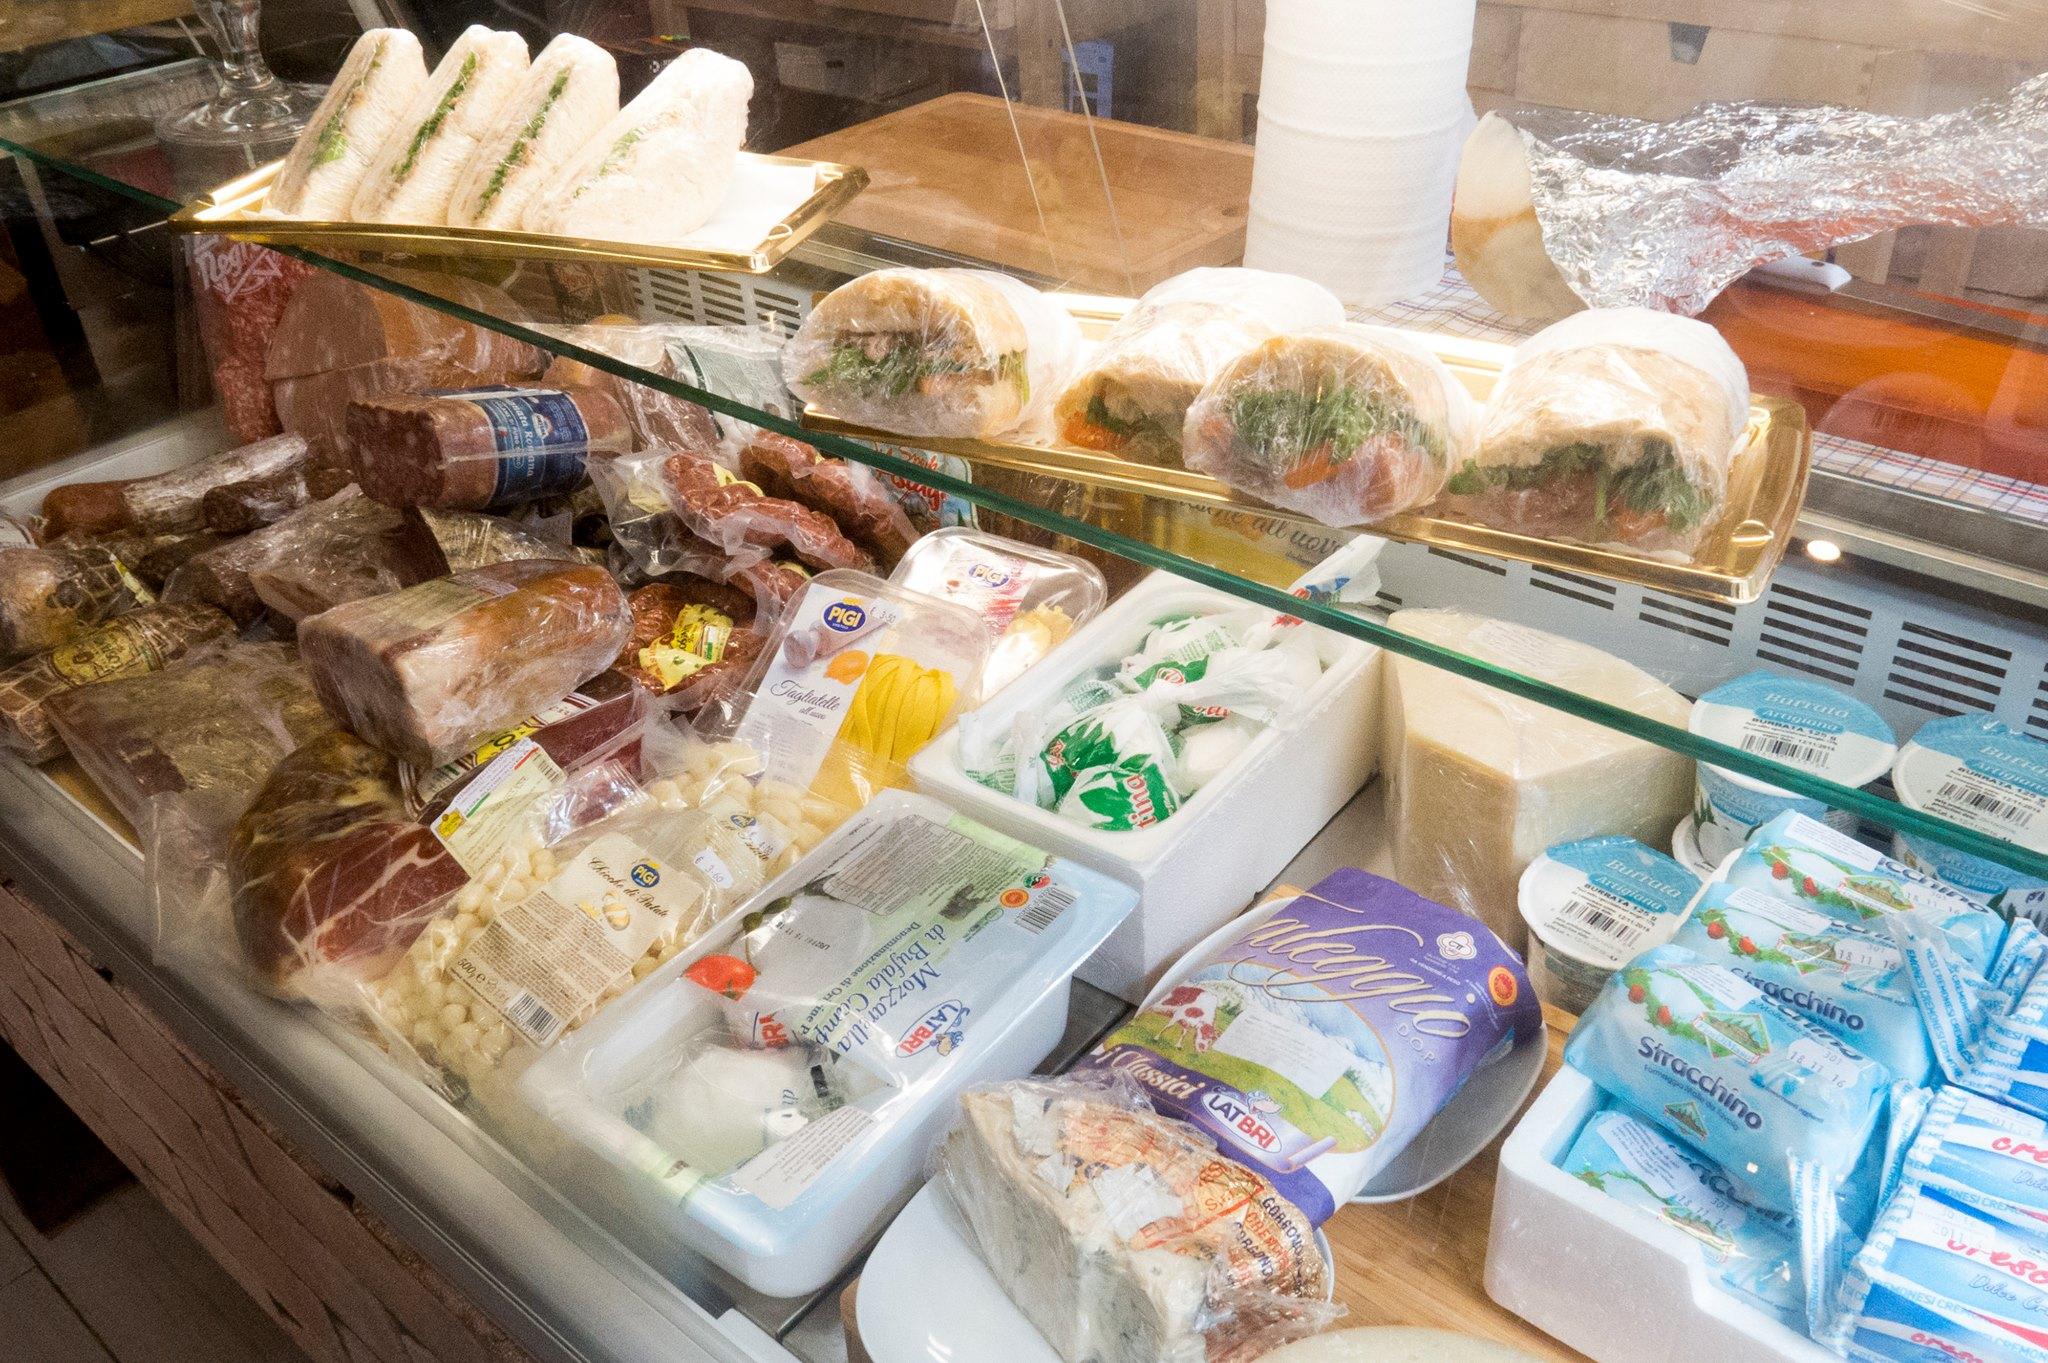 Comptoir charcuteries et fromages - La Bottega - Epicerie italienne - Lisbonne